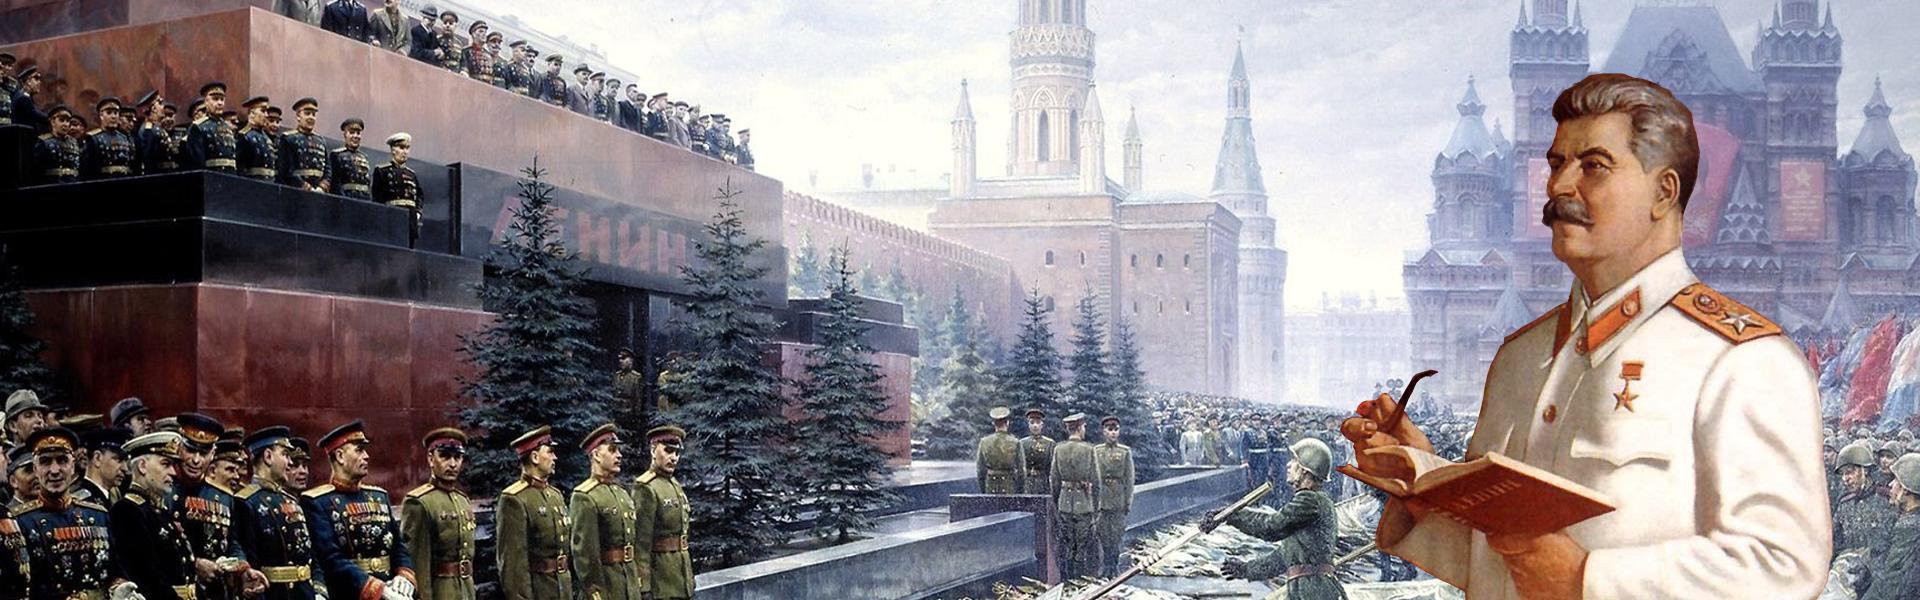 20 июня состоится расширенное заседание РОО «Бородино–2045» по теме «Верховный главнокомандующий И.В.Сталин – организатор побед над фашистской Германией 1941-1945 гг.» Вход по приглашениям.